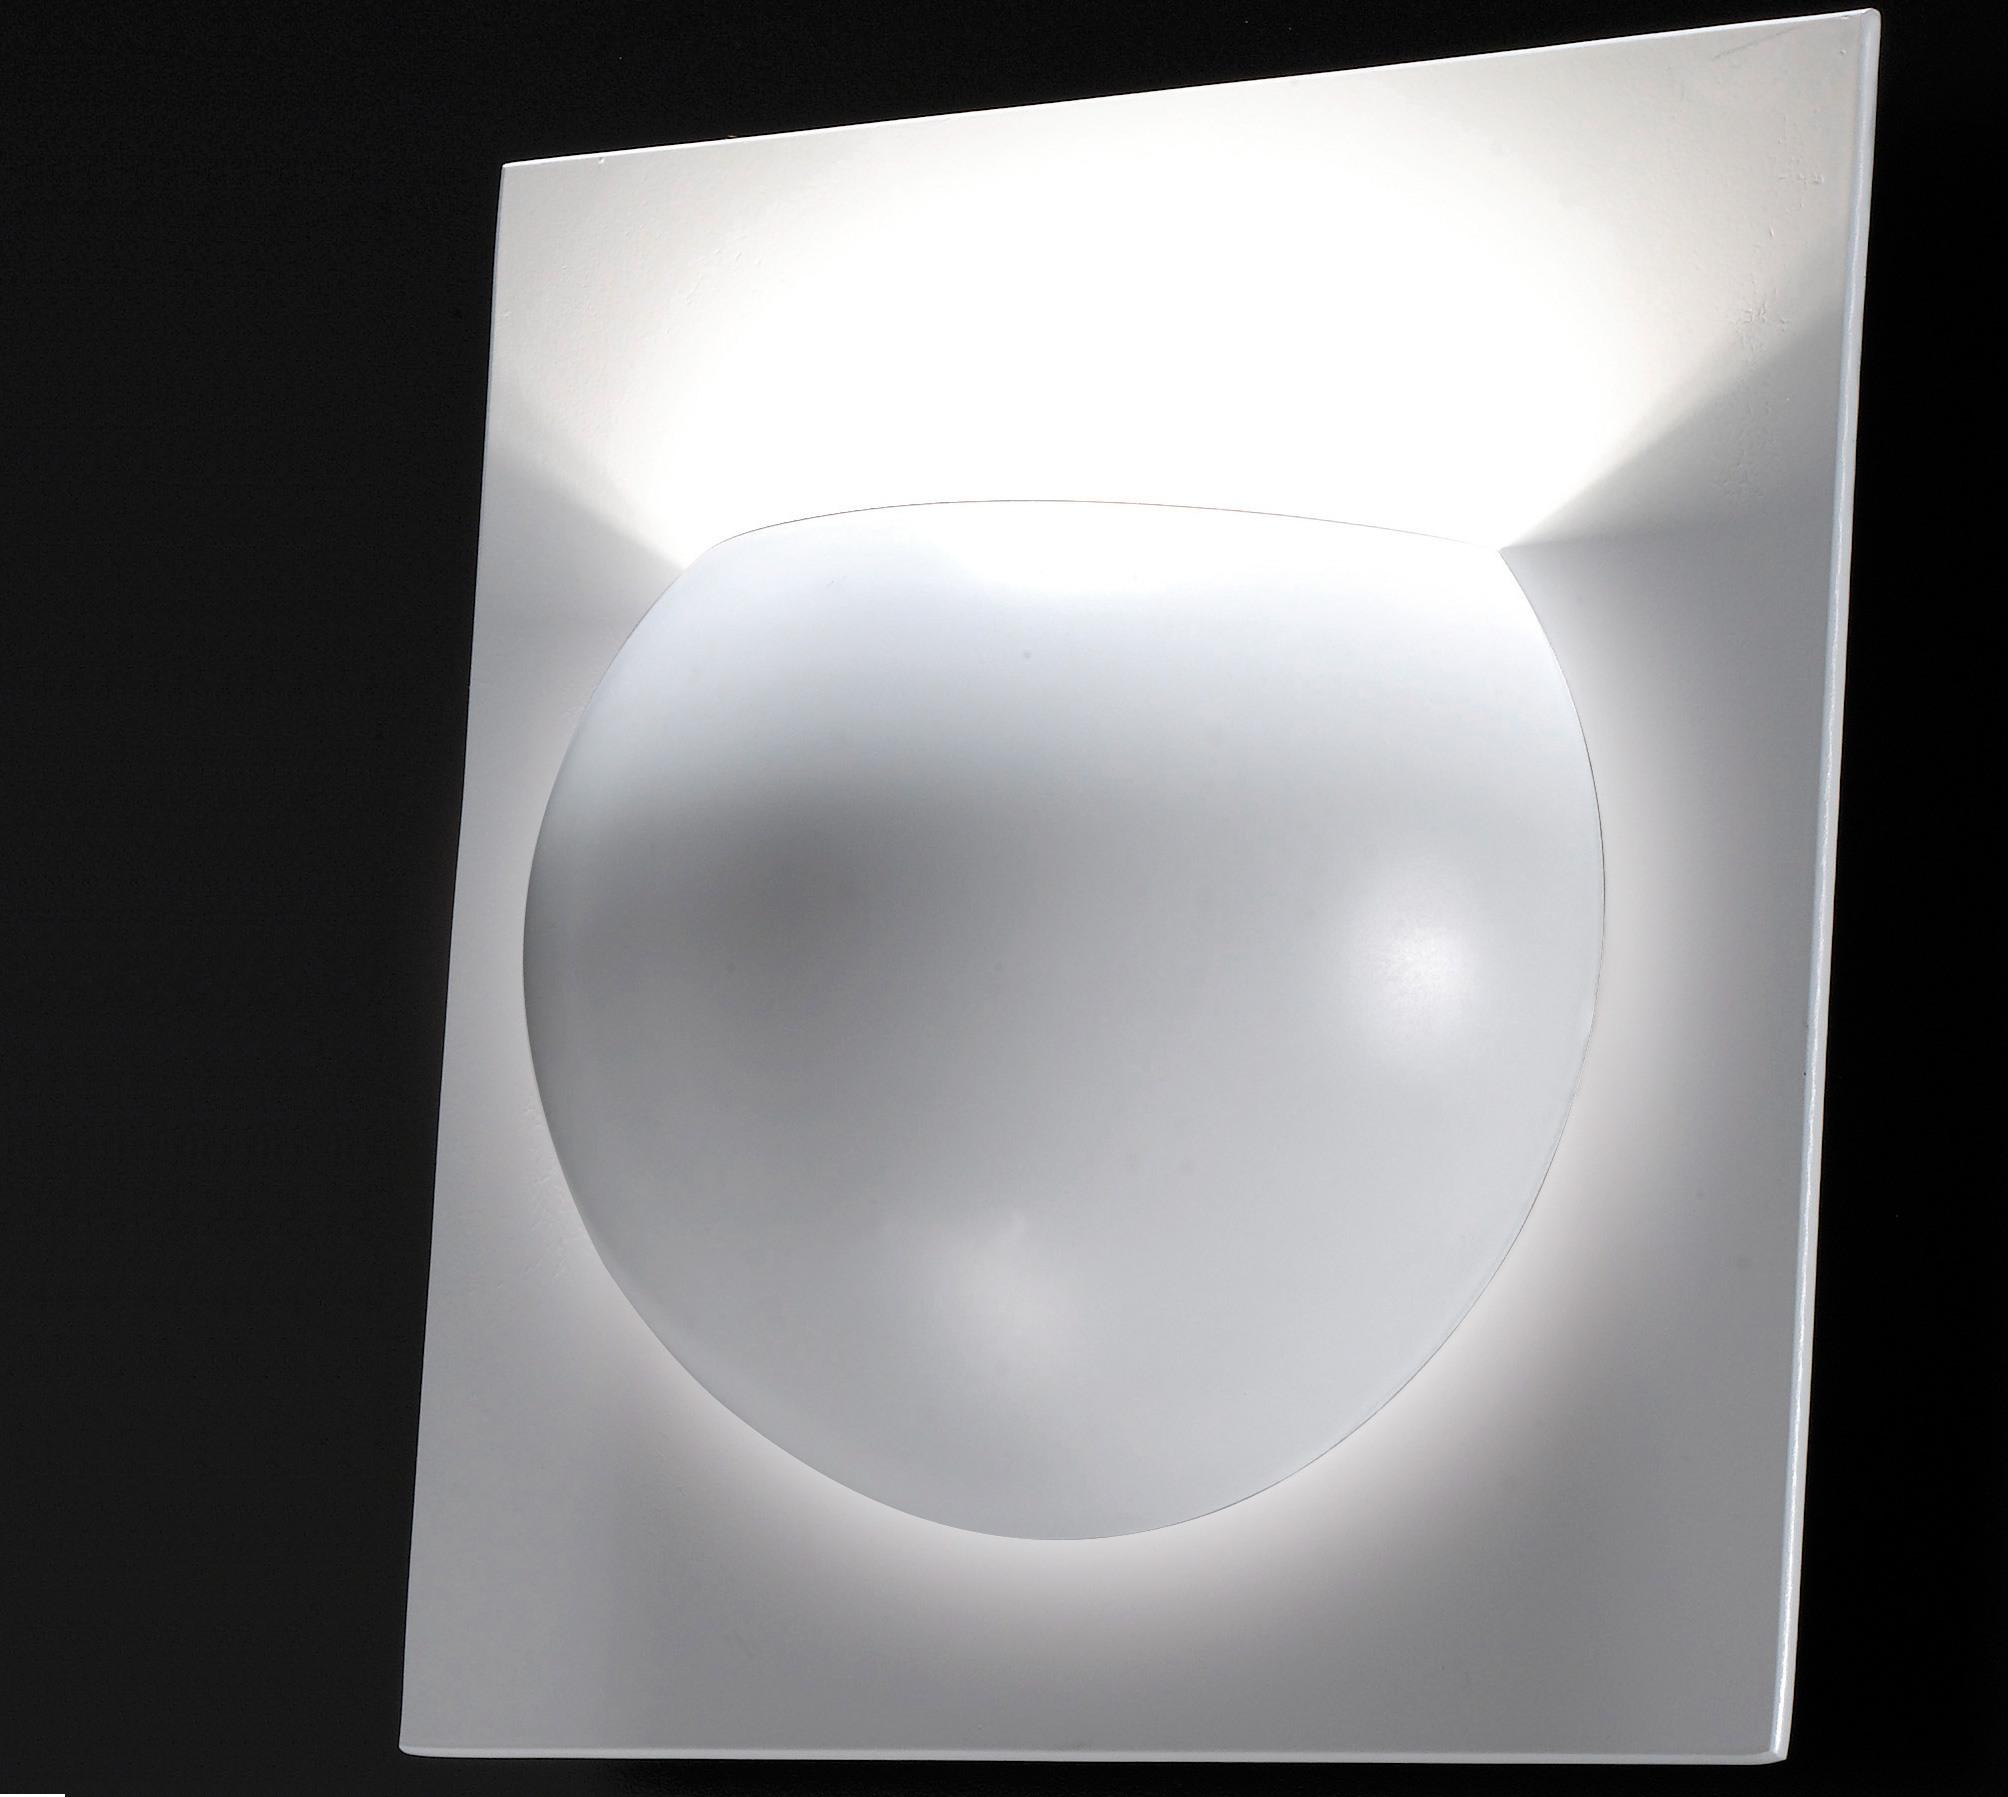 Sphera lampada led da parete di sikrea lampade a parete for Lampade a led vendita online